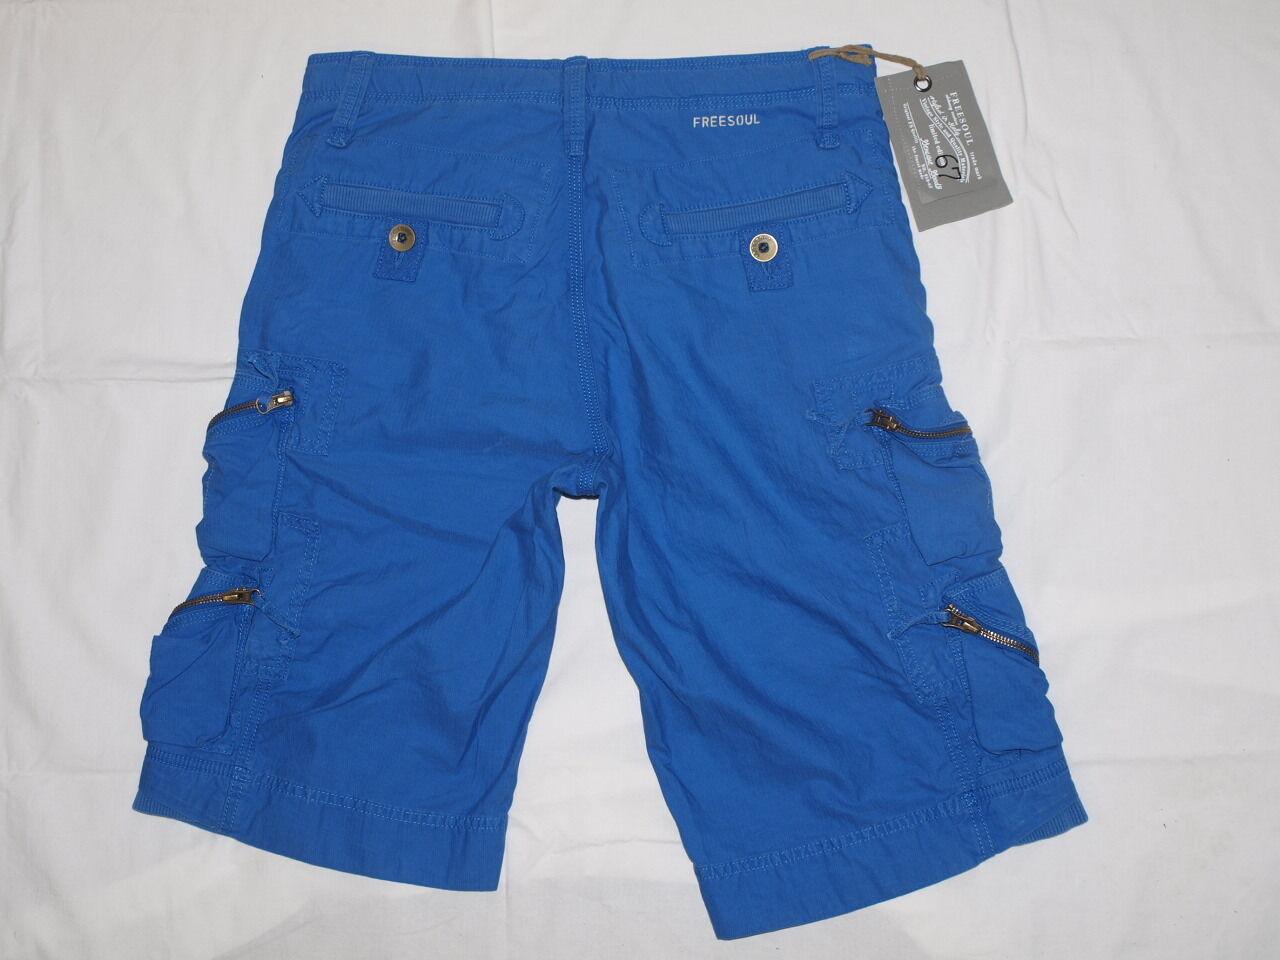 Freesoul rolander Bermuda kurze Hose (w29) Normaler Bund P71251 P71251 P71251 (Blau Lambada)     | Um Sowohl Die Qualität Der Zähigkeit Und Härte  3960a2